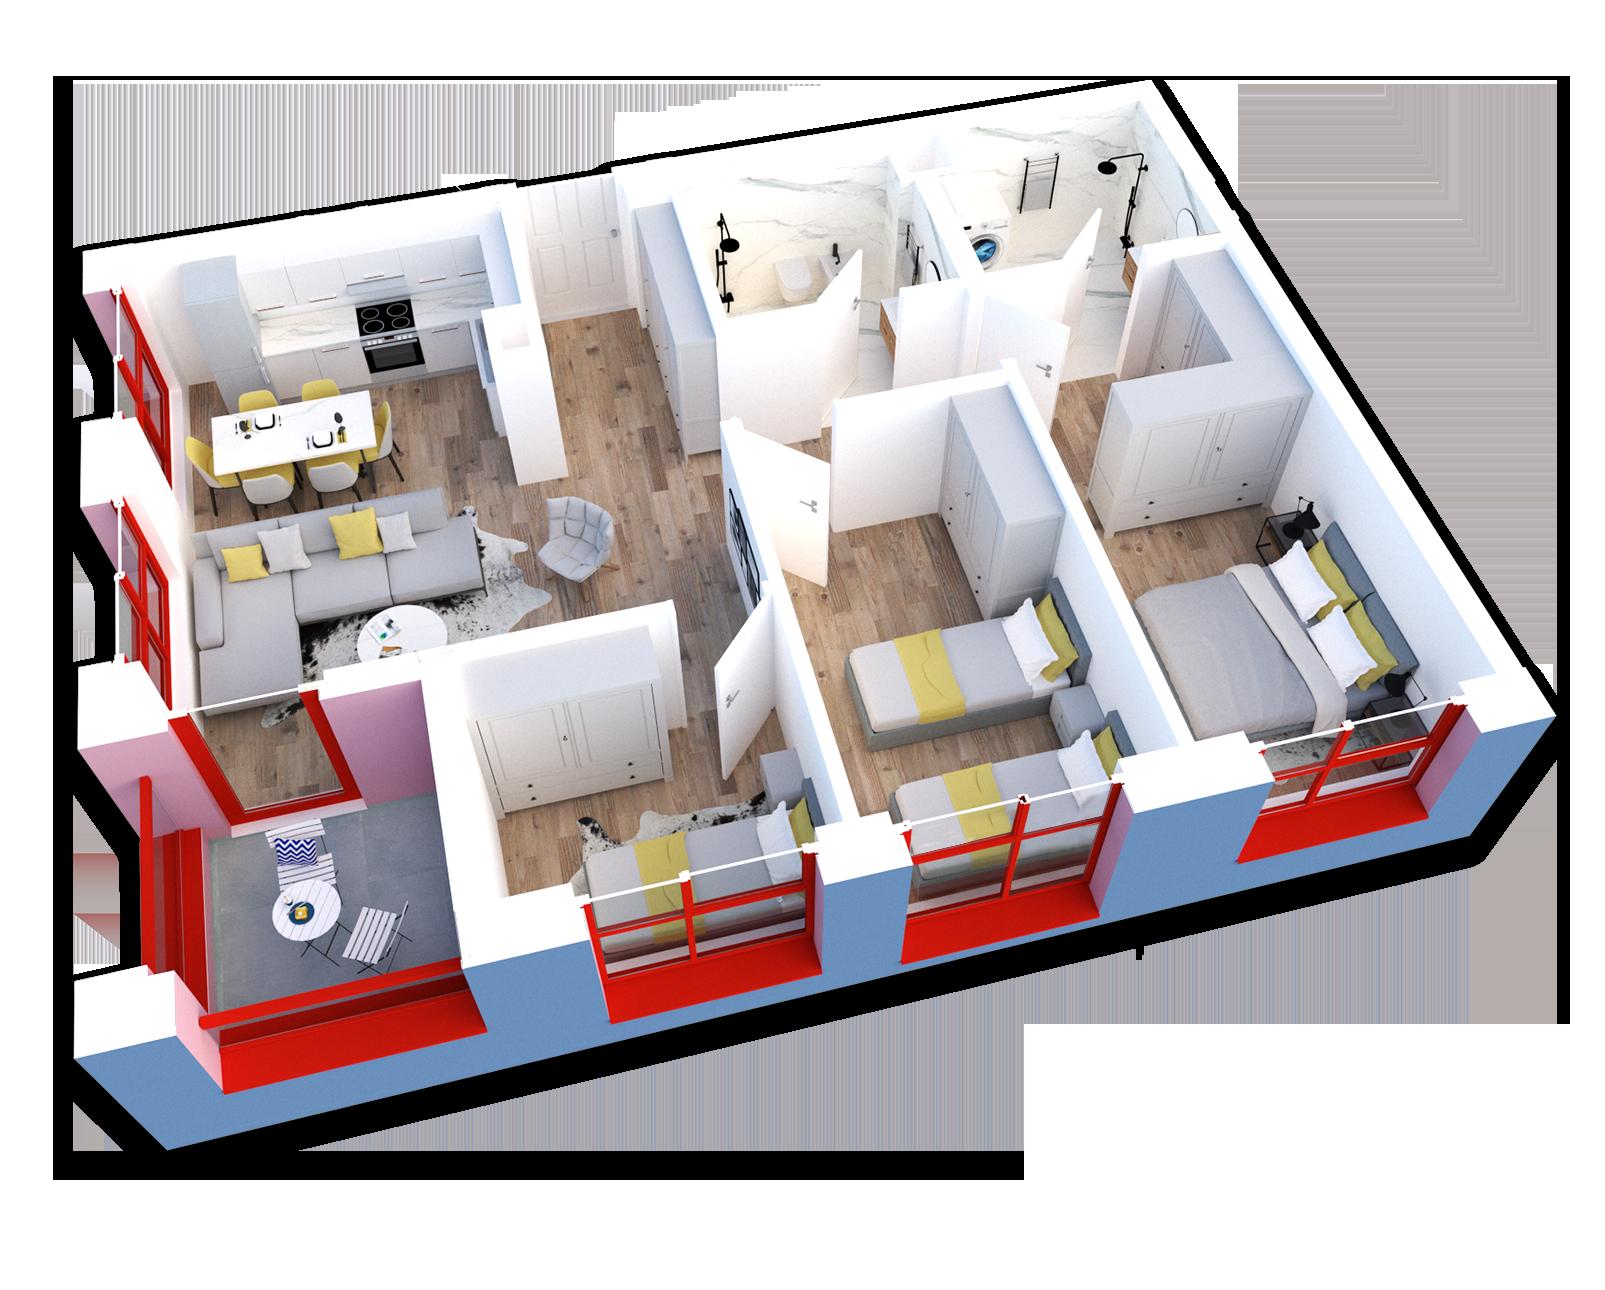 Apartament 3+1 në shitje në Tiranë - Mangalem 21 Shkalla 20 Kati 7